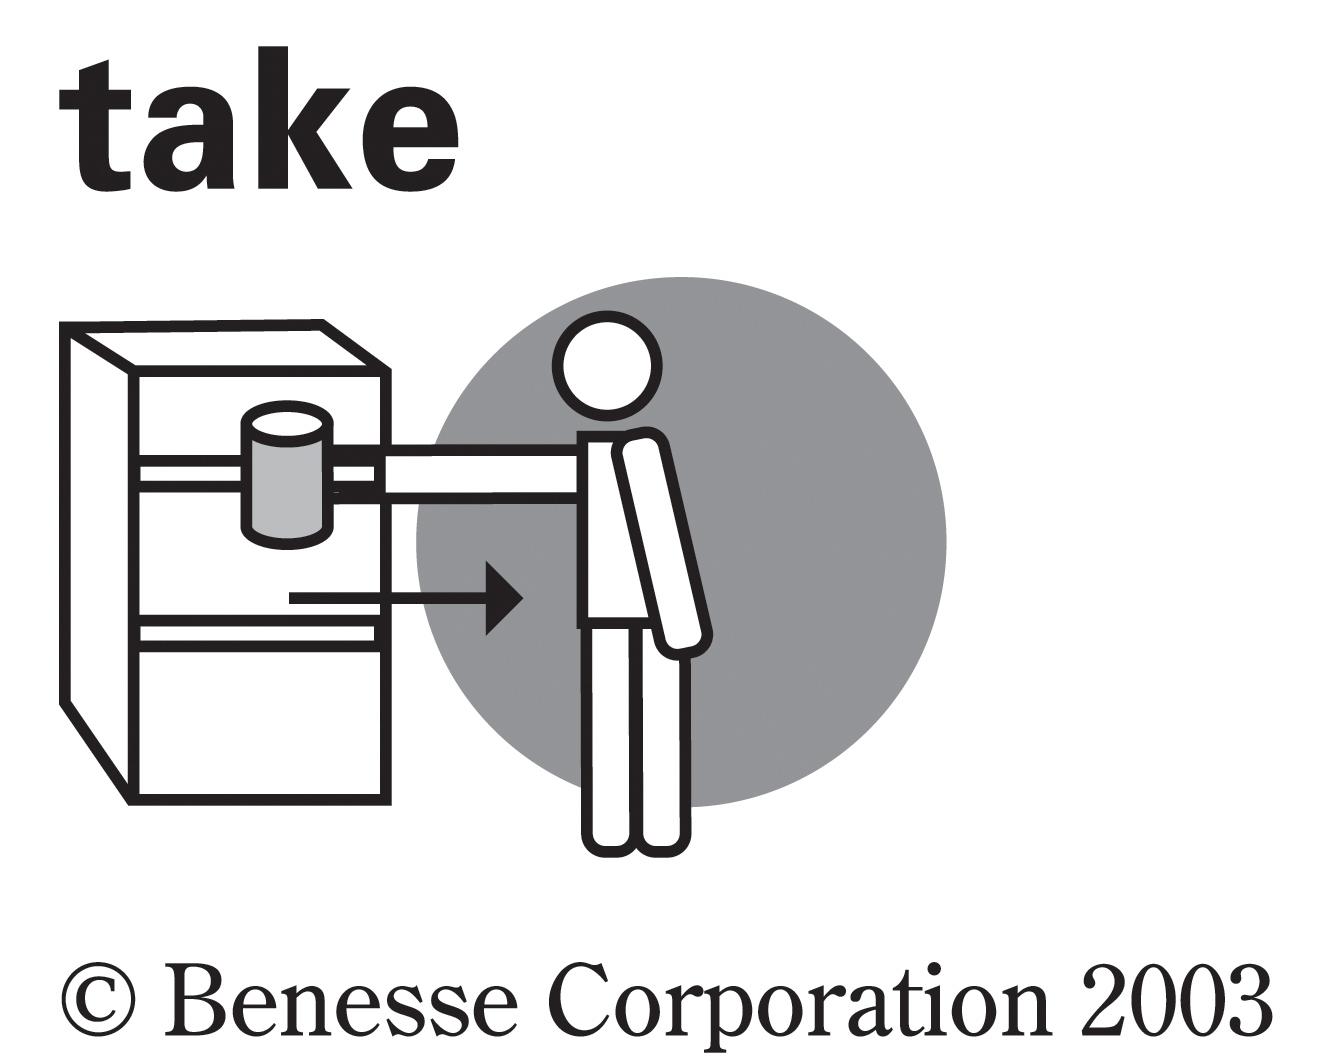 take02.jpg